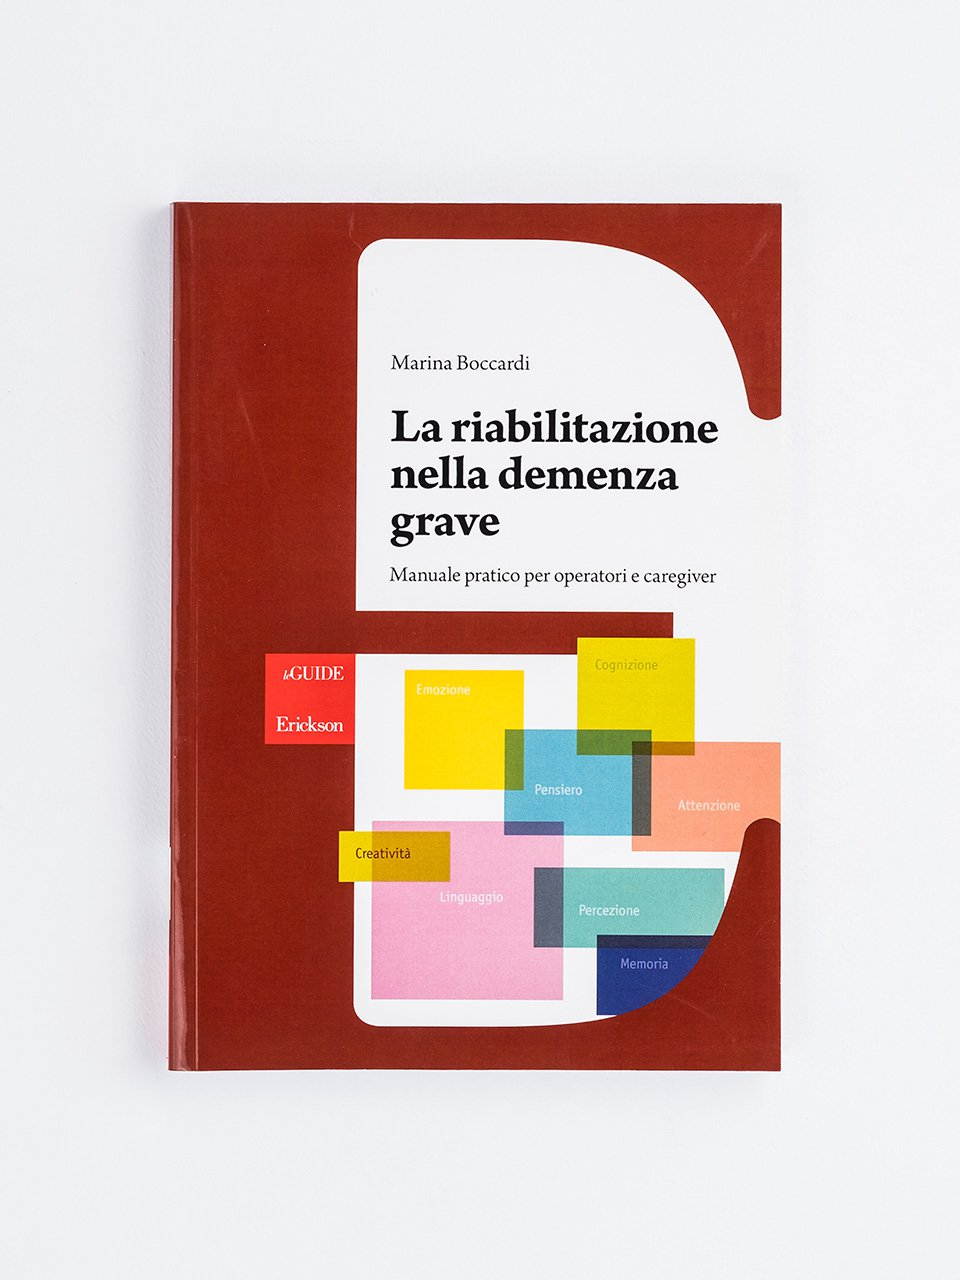 La riabilitazione nella demenza grave - Una badante in famiglia - Libri - Erickson